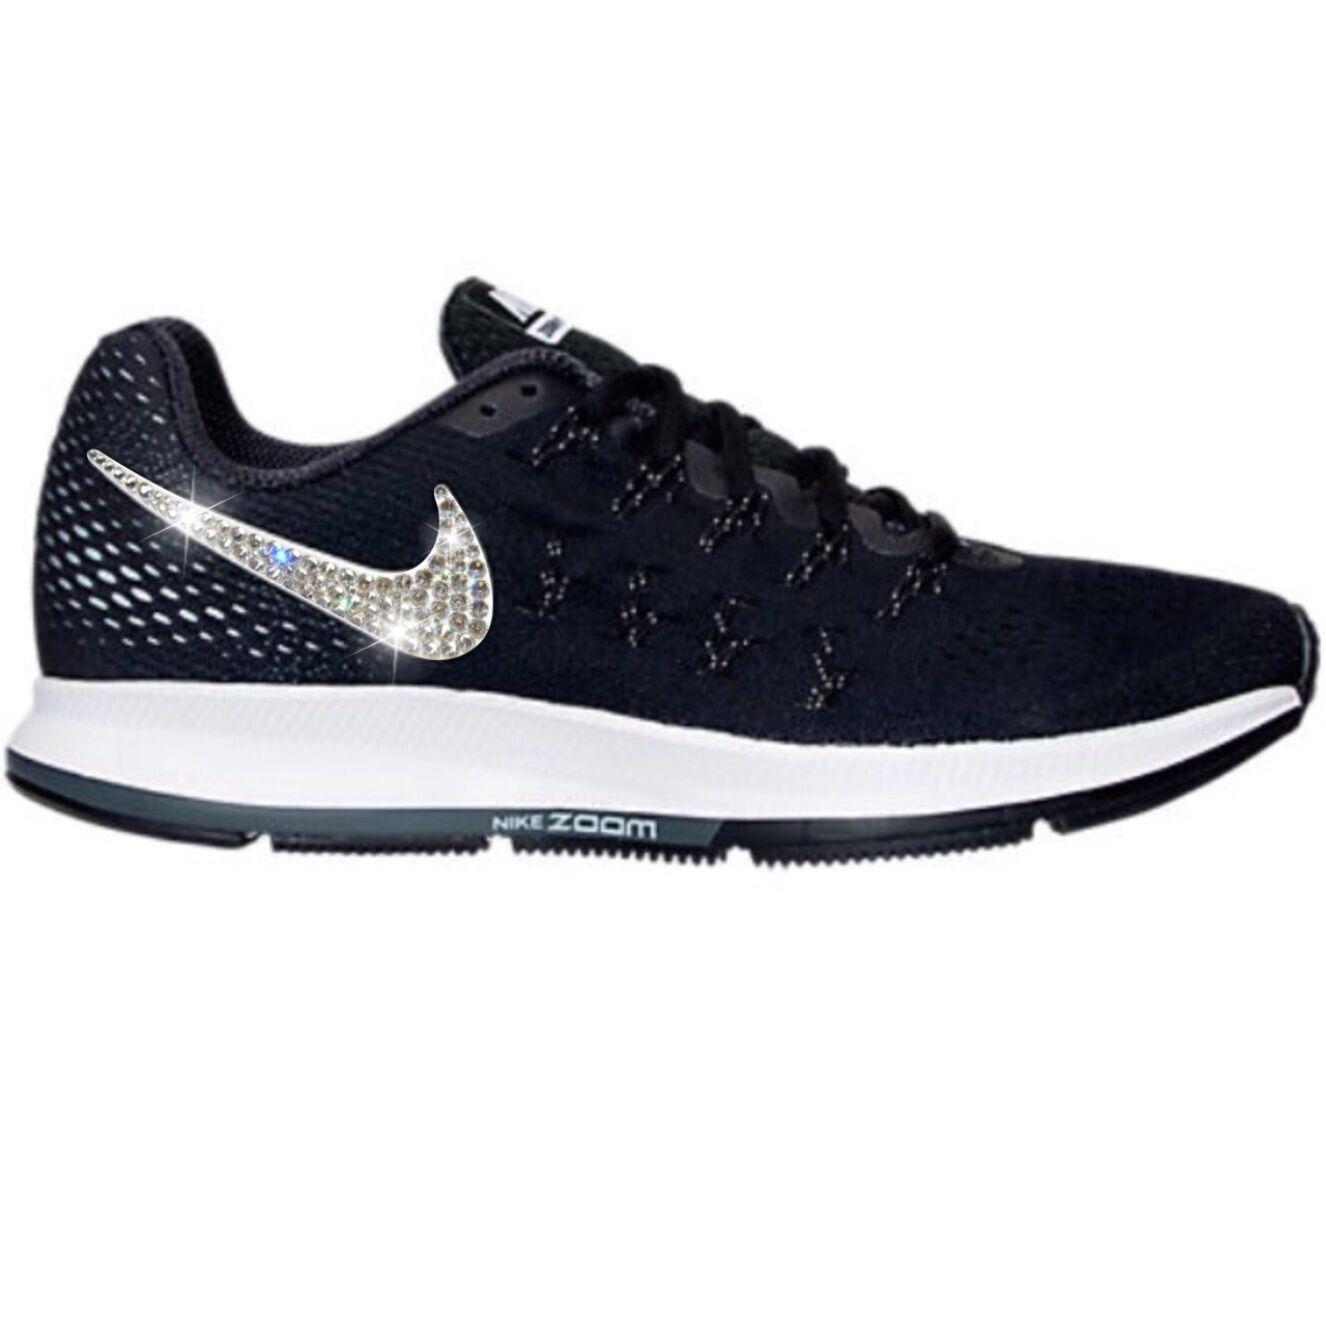 Bling Zapatos Nike Air Zoom Pegasus 33 con cristal de de de Swarovski  Negro blancoo  cómodo